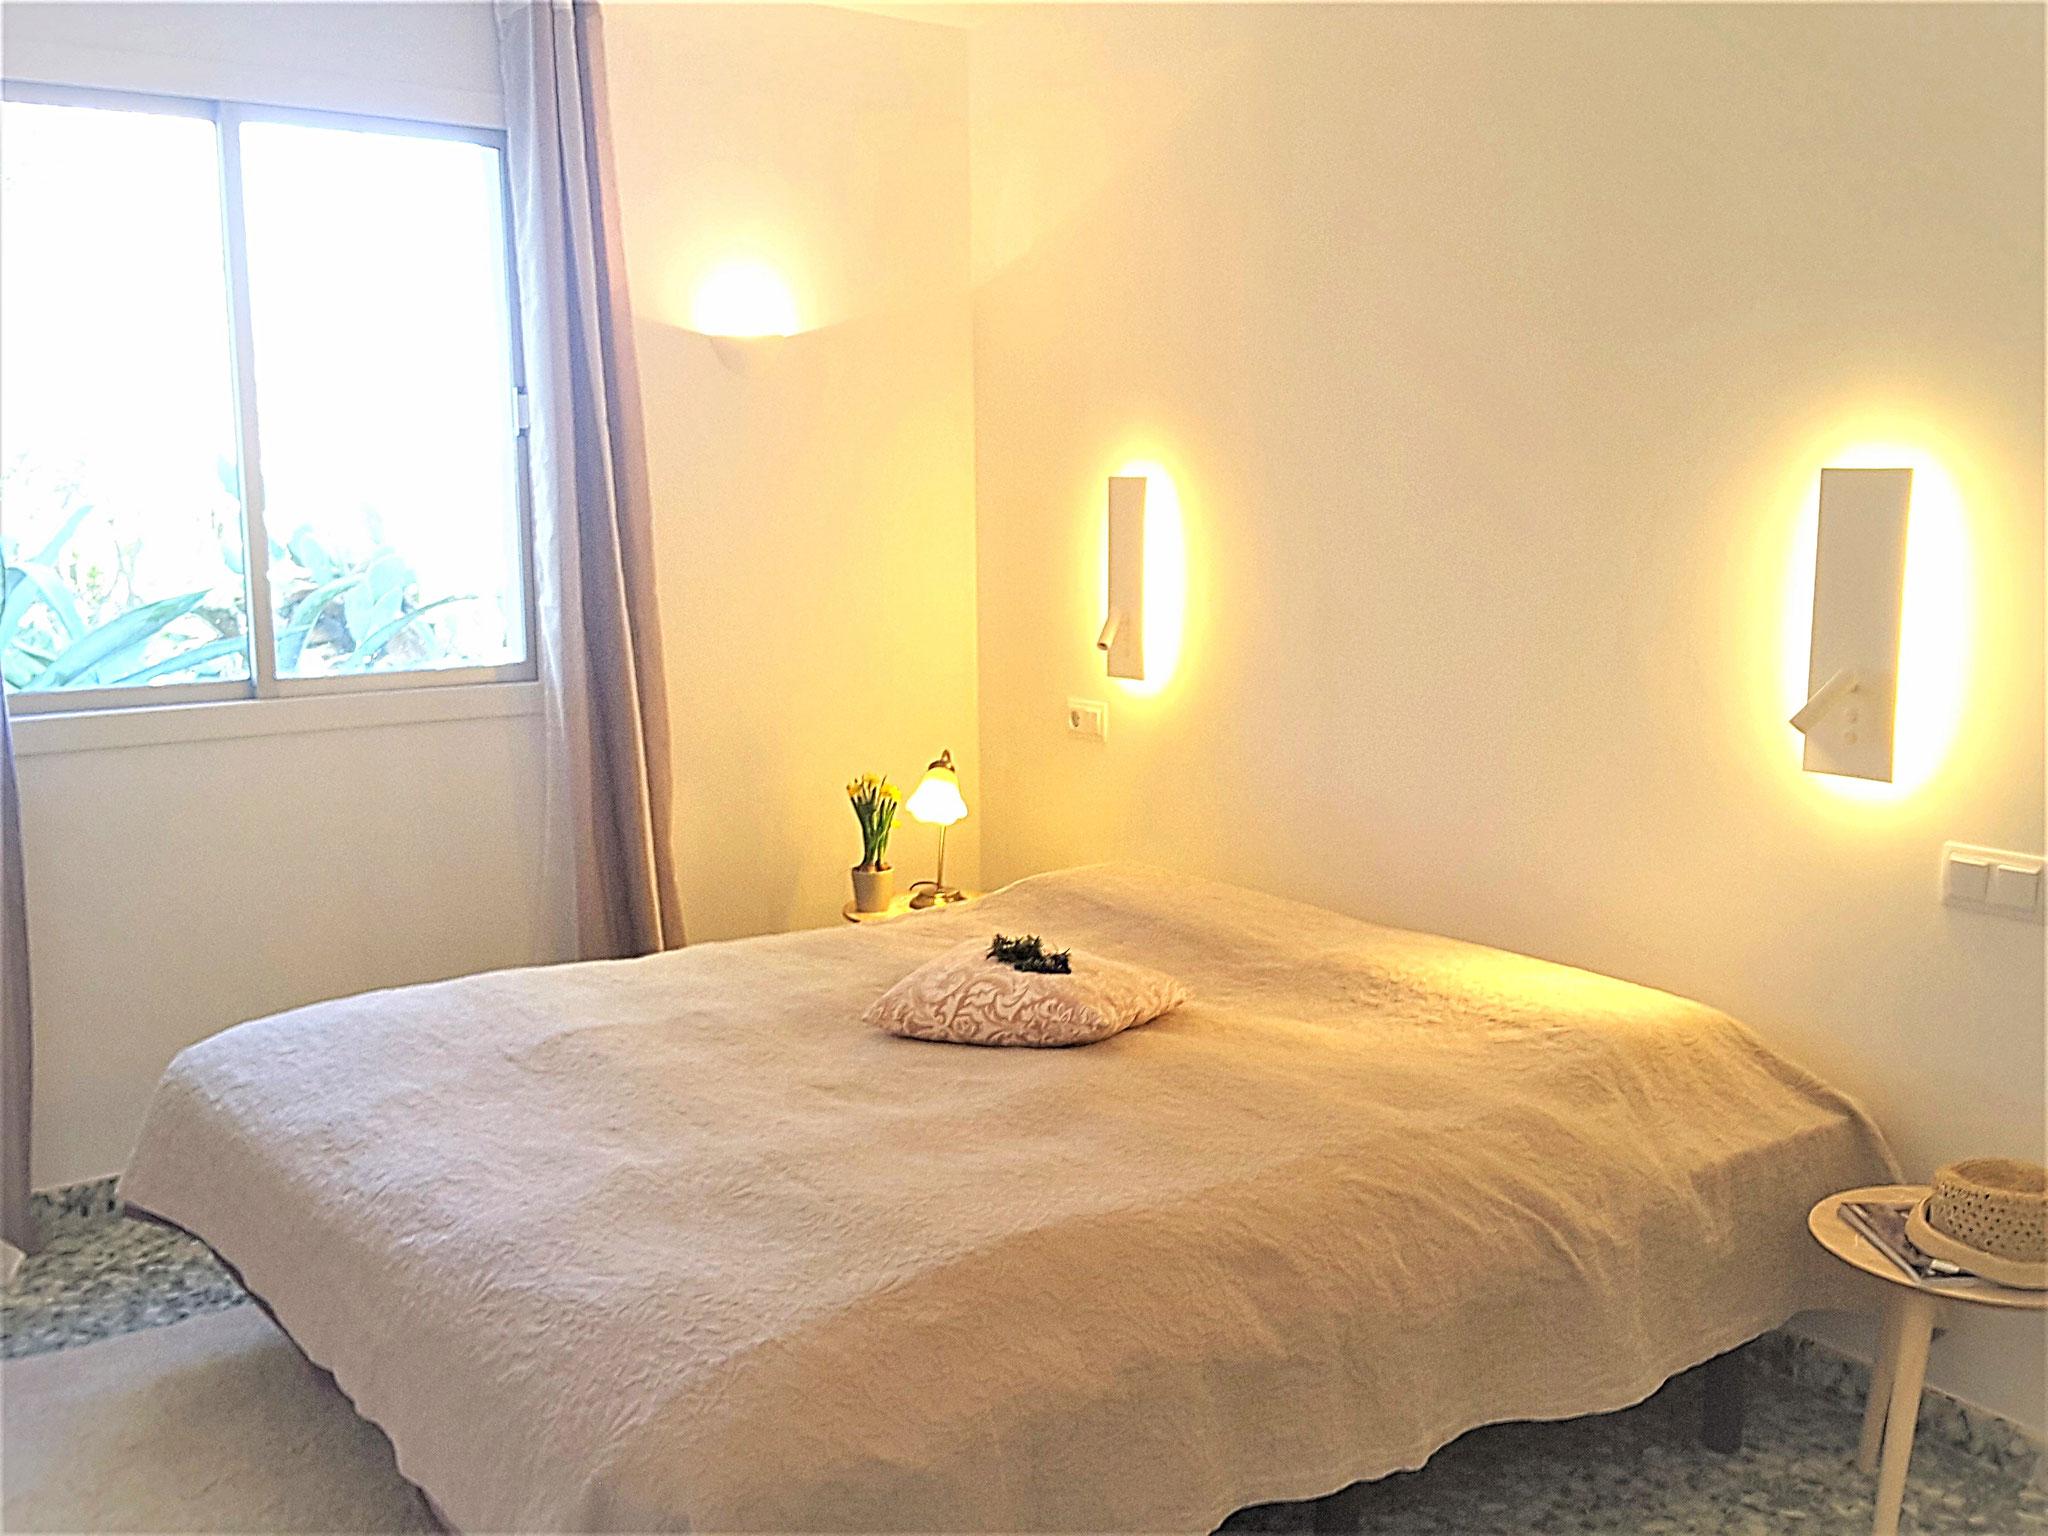 dormitorio con cama doble 1,80 x 2,00 m